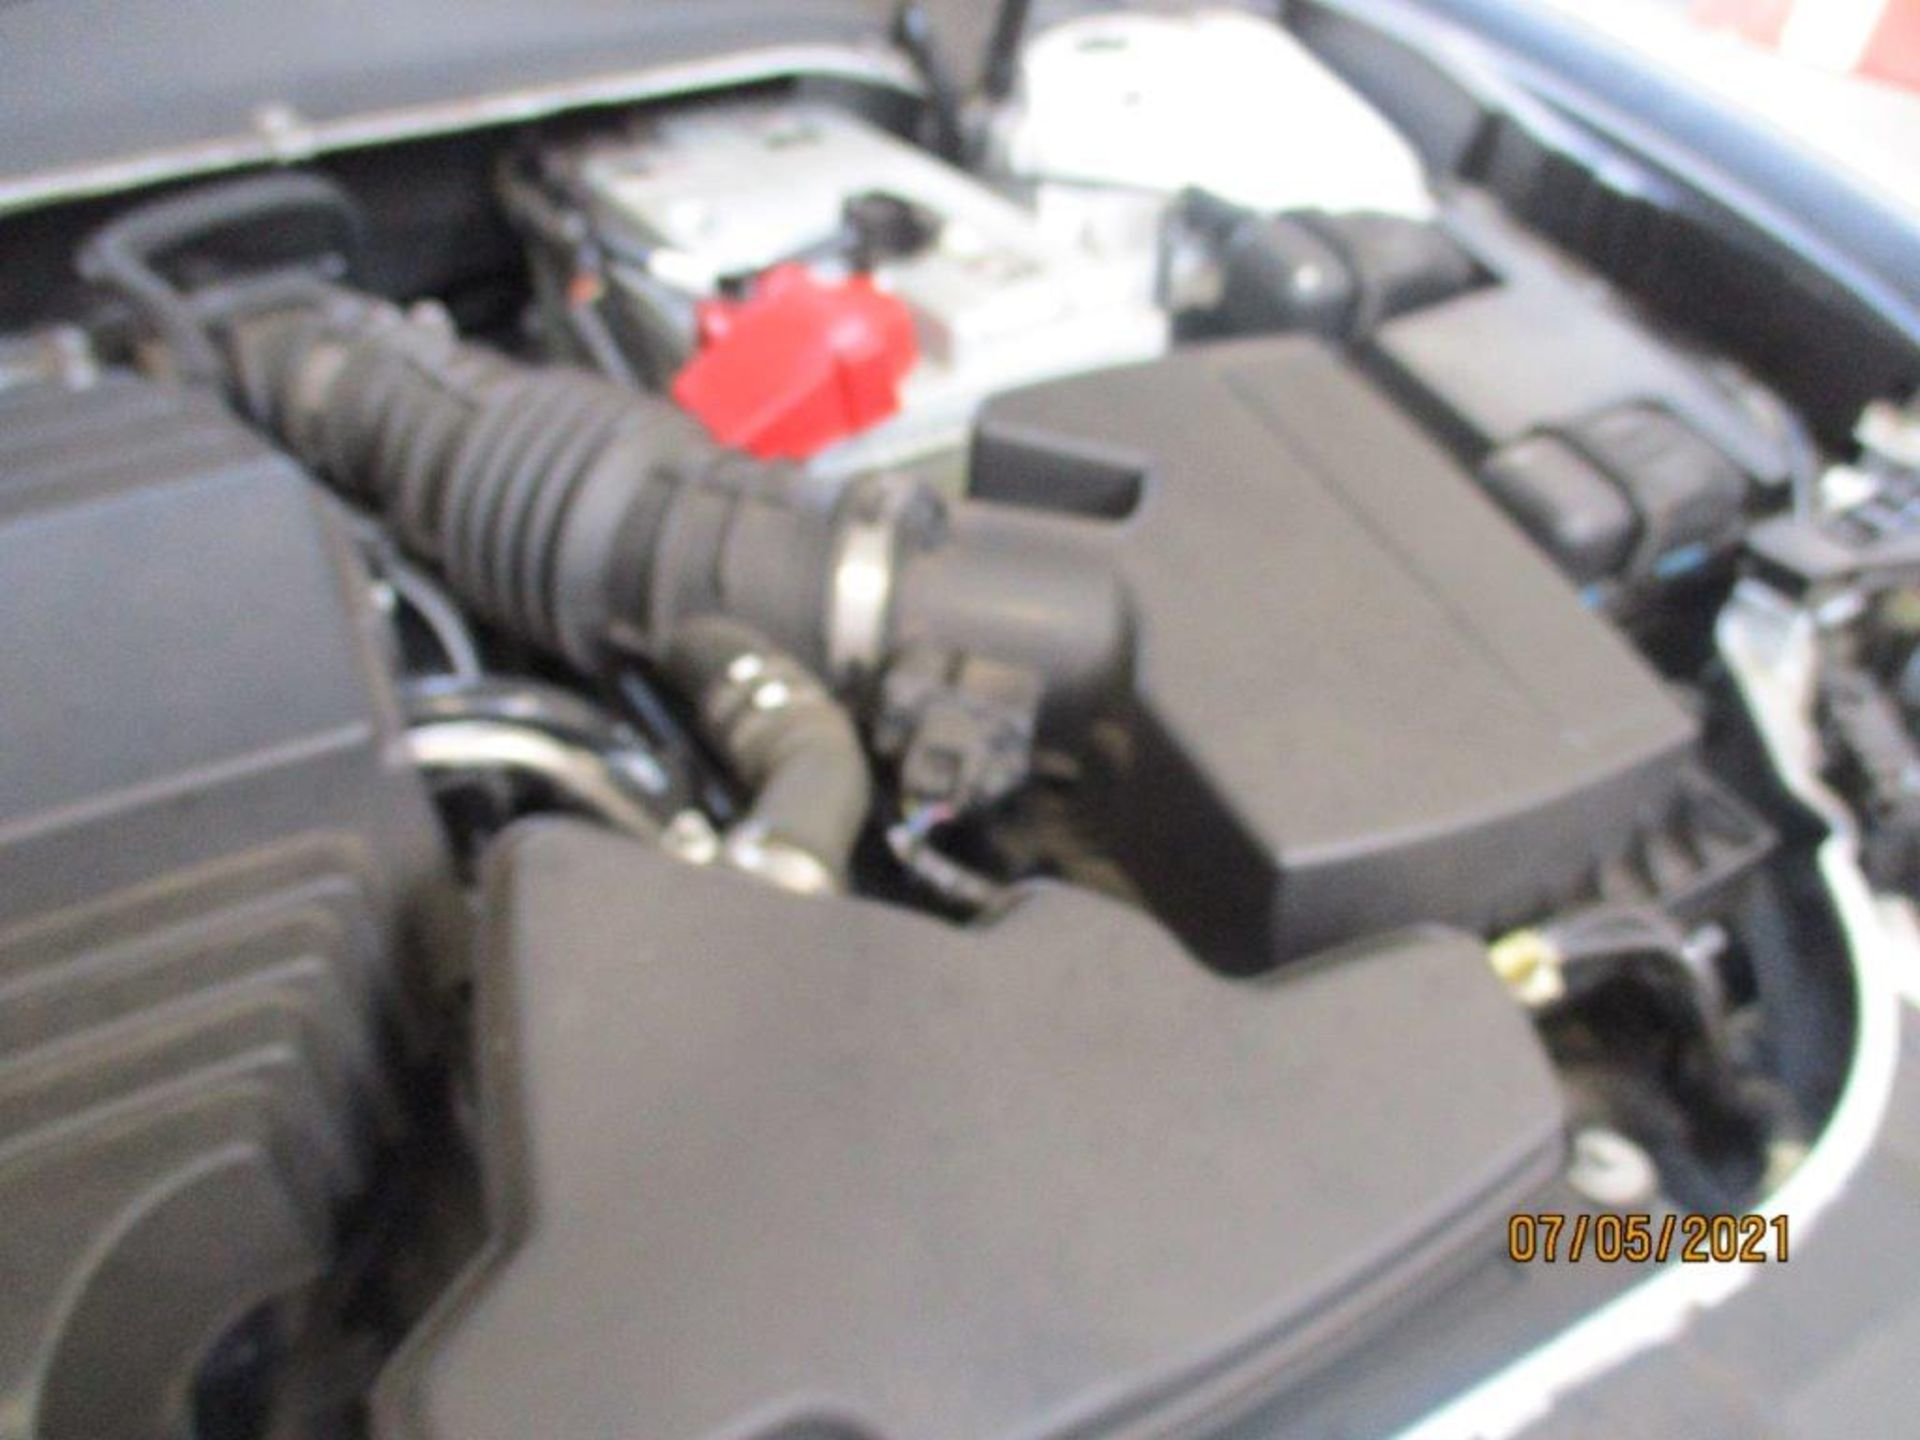 15 15 Ford Mondeo Titanium TDCI - Image 6 of 22